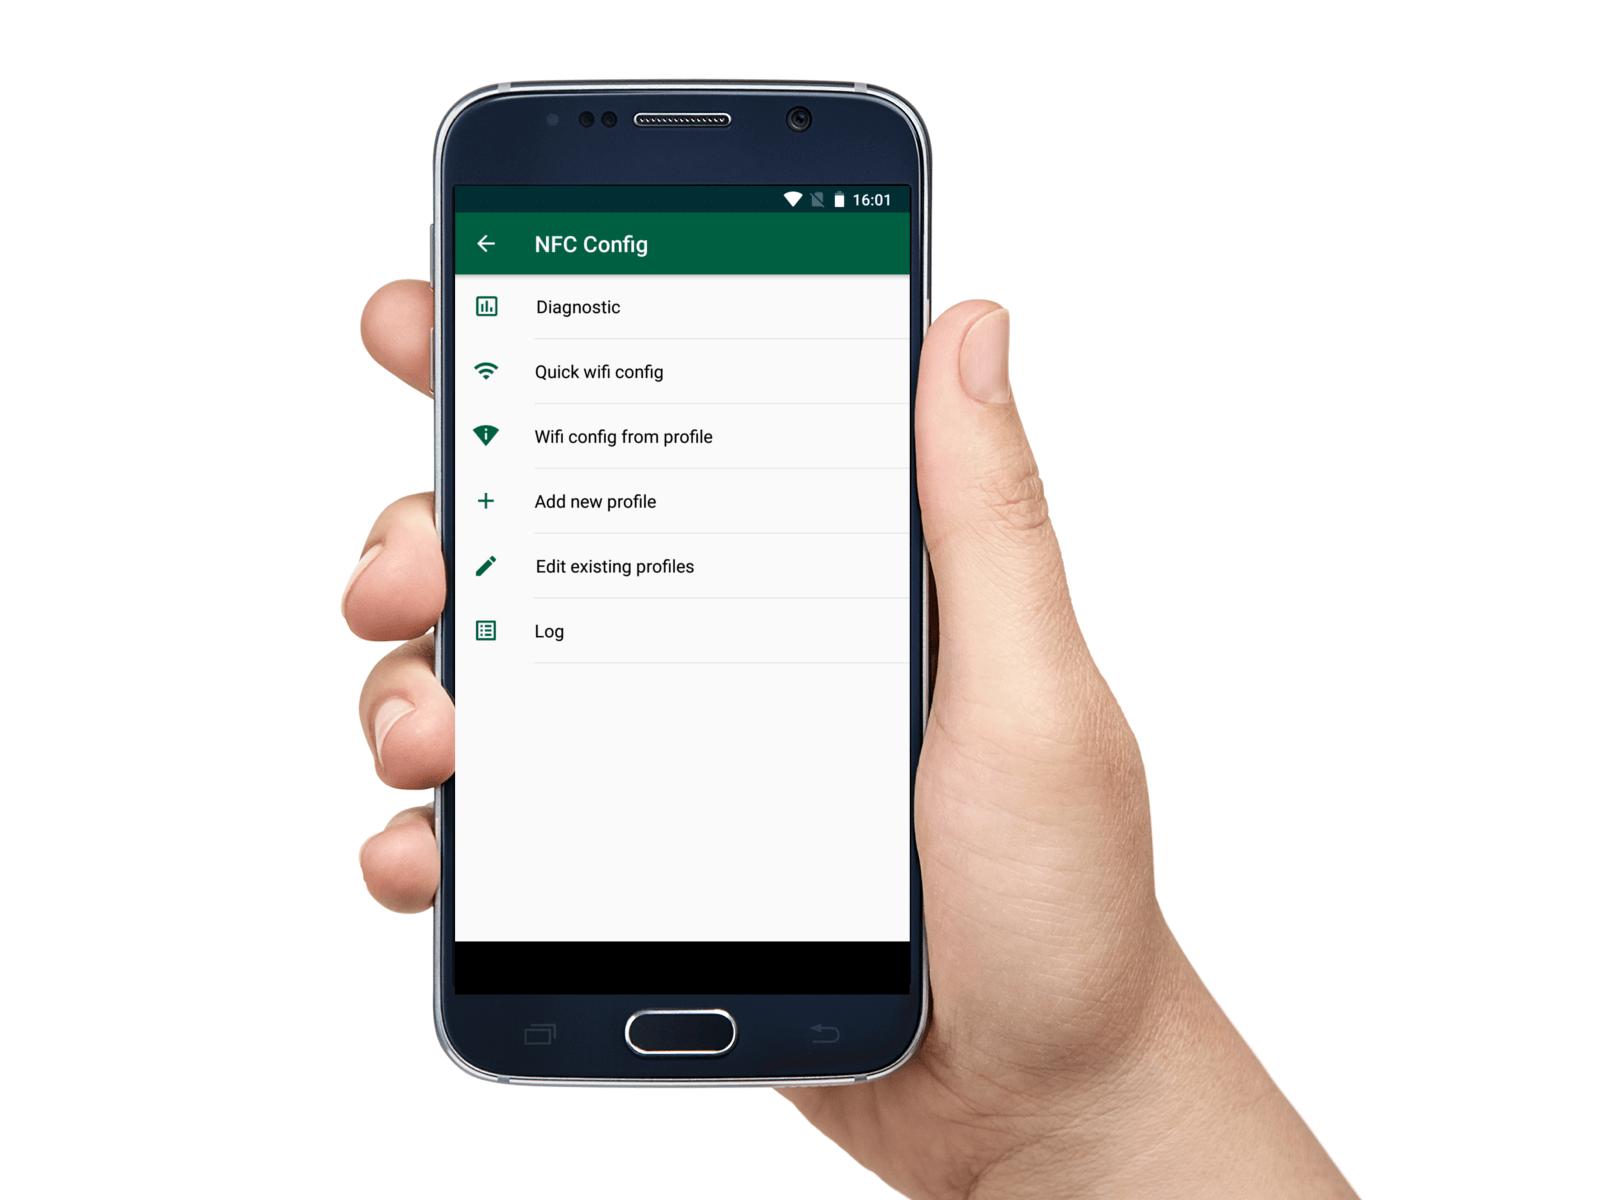 NETIO Mobile2 NFC config menu